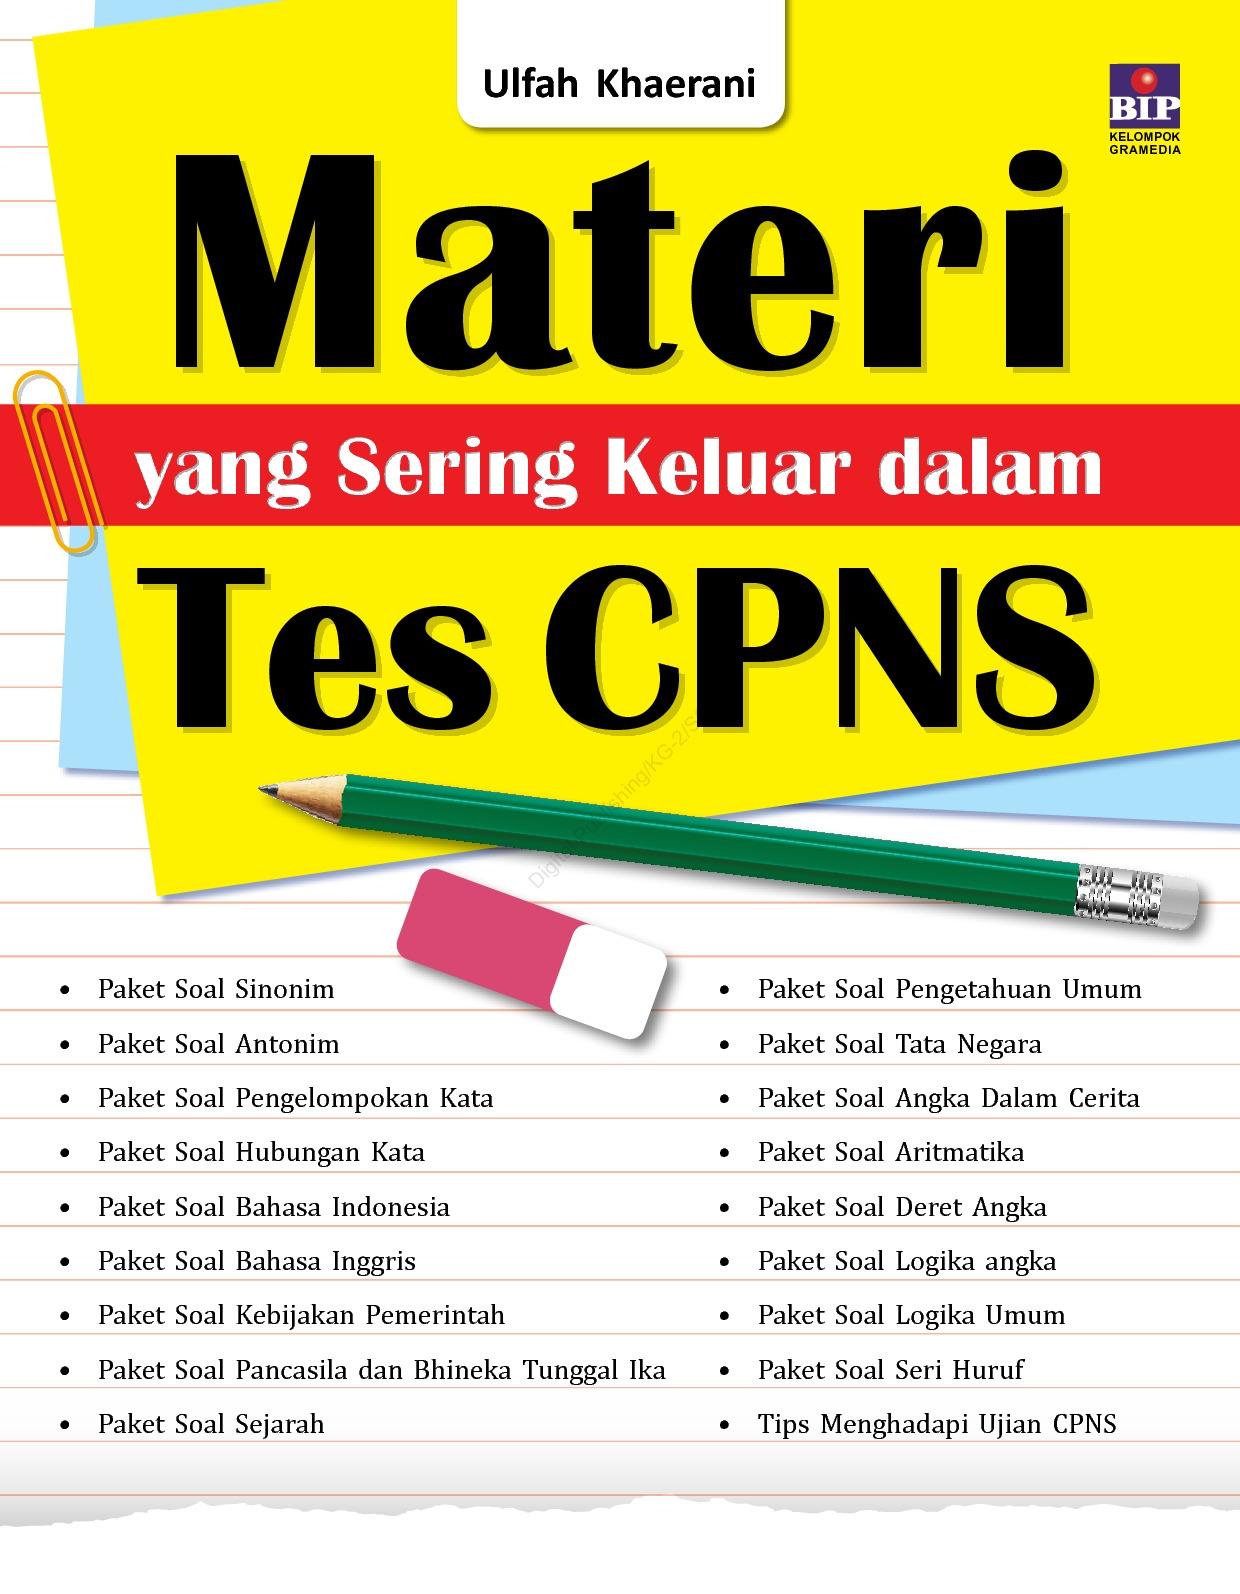 Jual Buku Materi Yang Sering Keluar Dalam Tes Cpns Oleh Ulfah Khaerani Gramedia Digital Indonesia